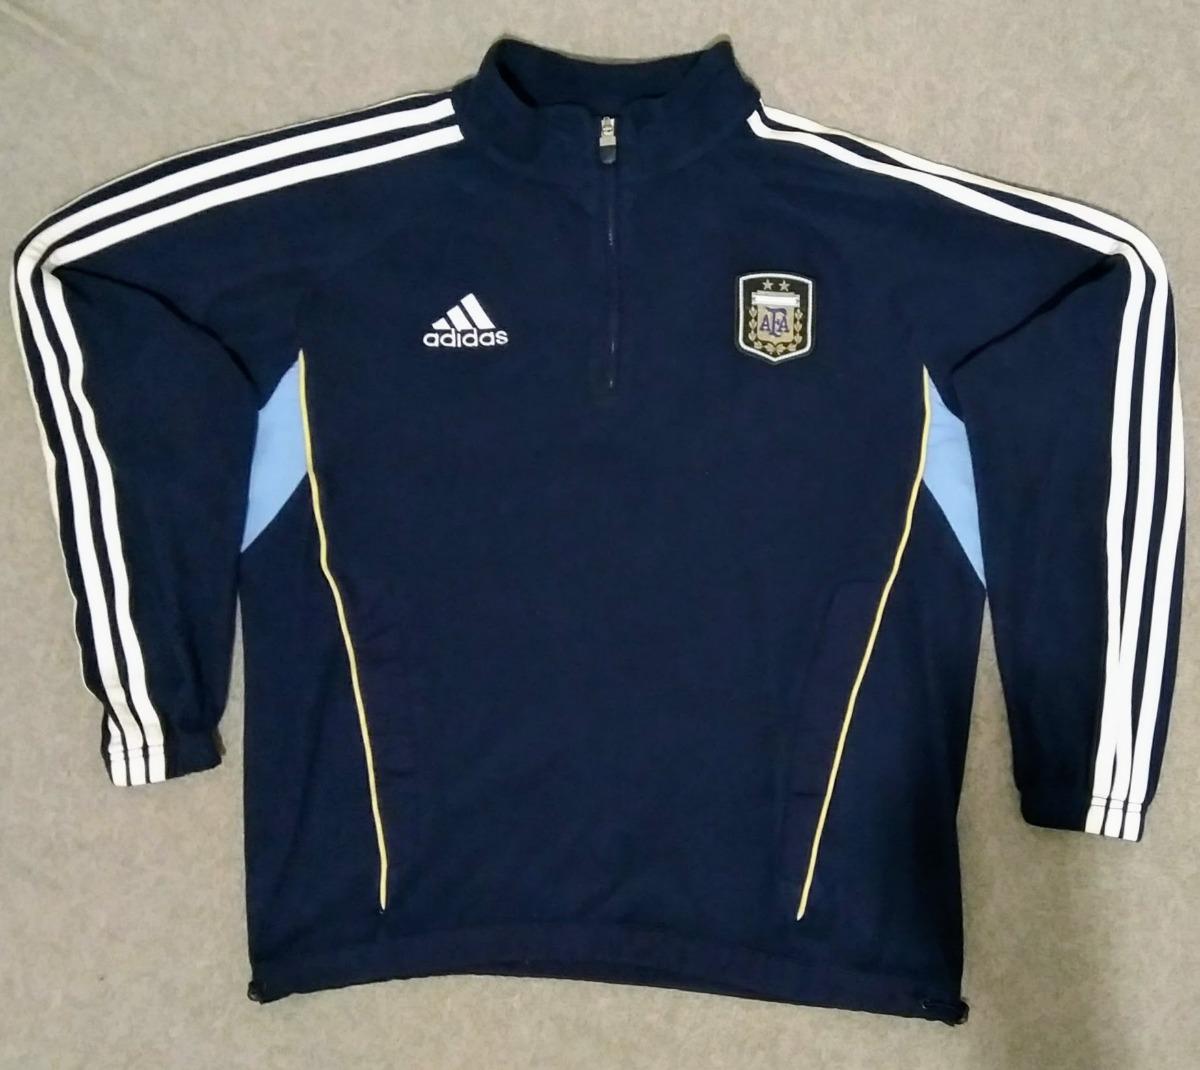 2011 00 En Adidas Climawarm Argentina 650 Entrenamiento Sudadera g1x6wq5